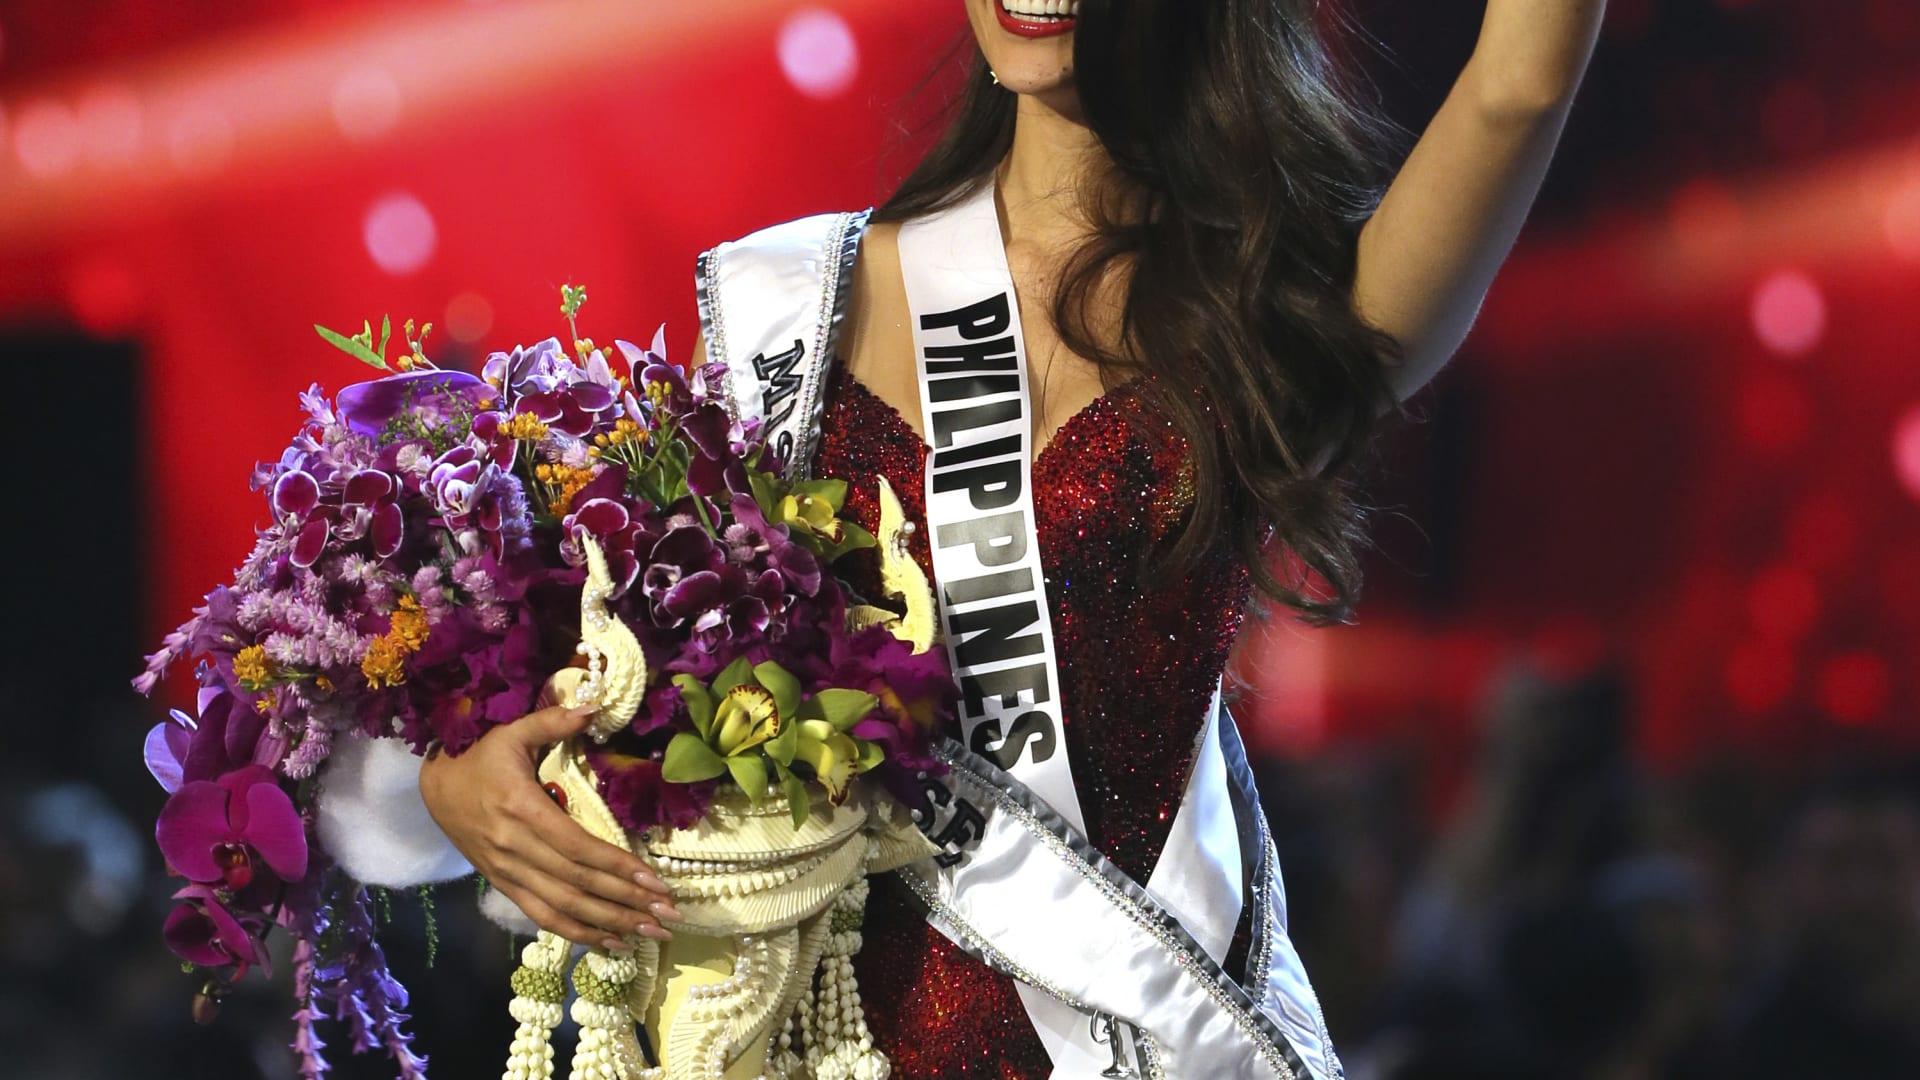 توجت ملكة جمال جنوب أفريقيا وملكة جمال الكون السابقة ديمي ليه نيل بيتيرز، الملكة الجديدة خلال الحفل.